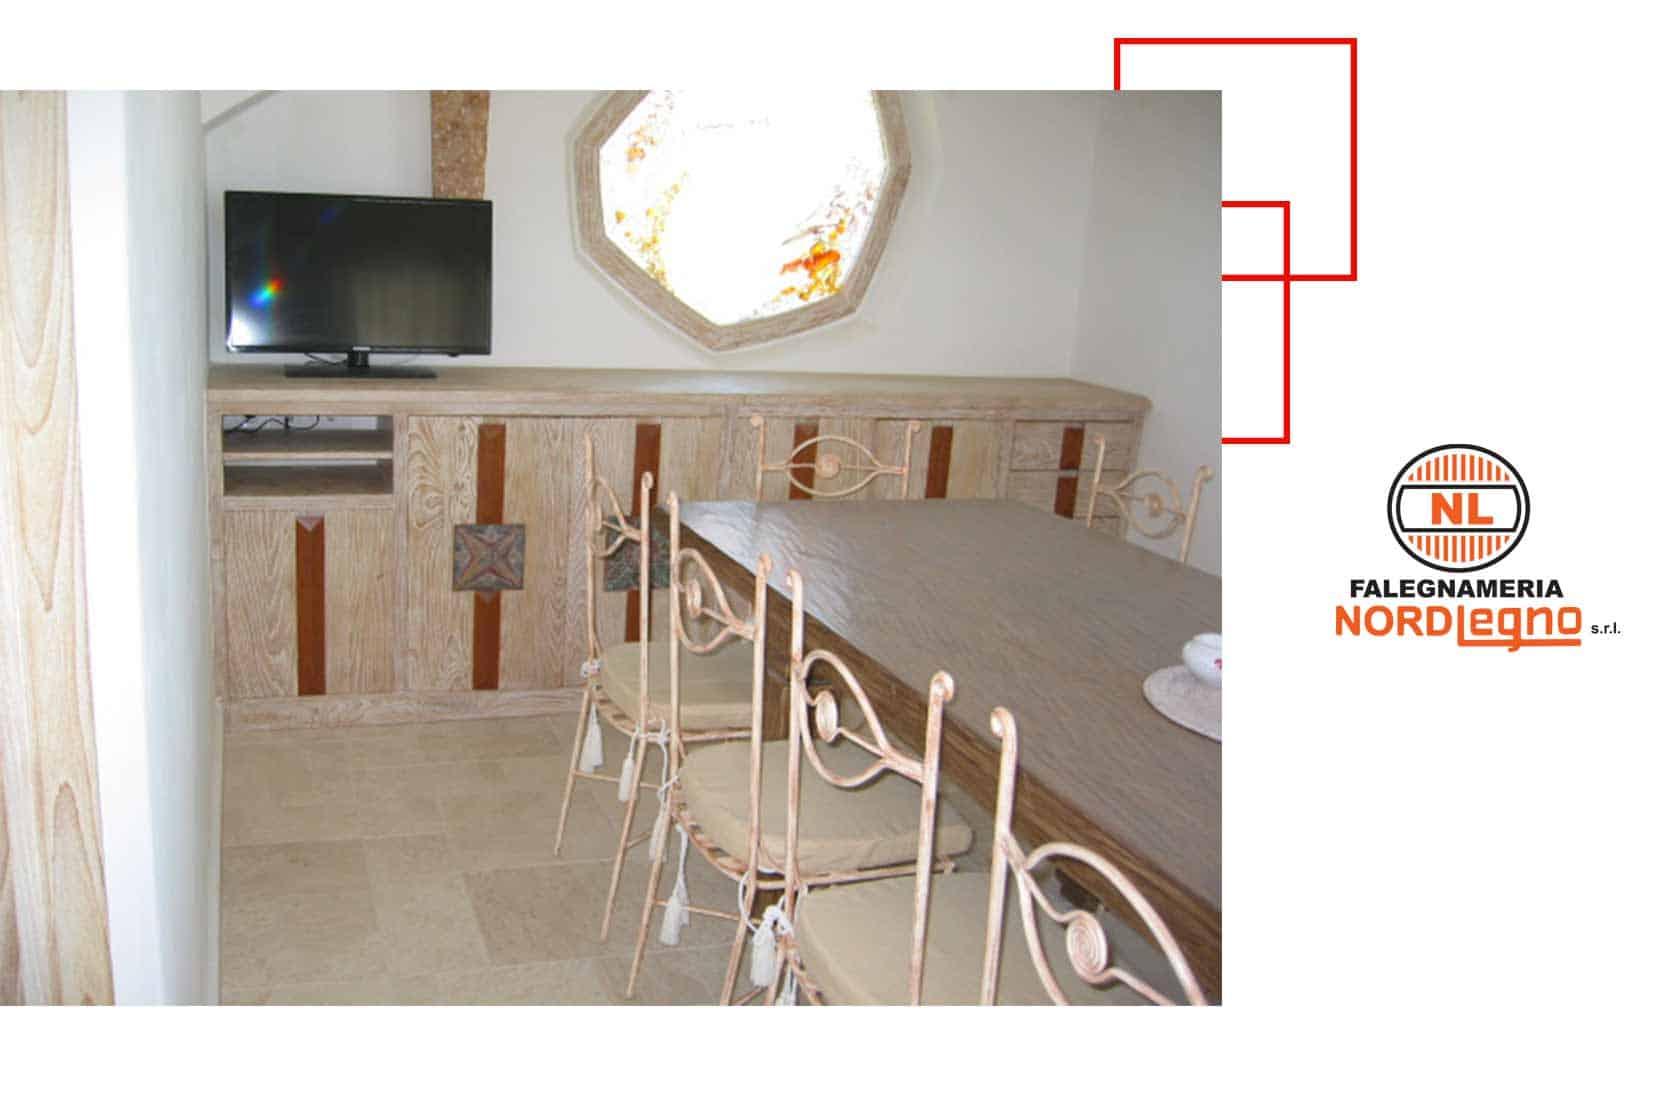 Falegnameria-nord-legno-calangianus-soggiorno-1.jpg